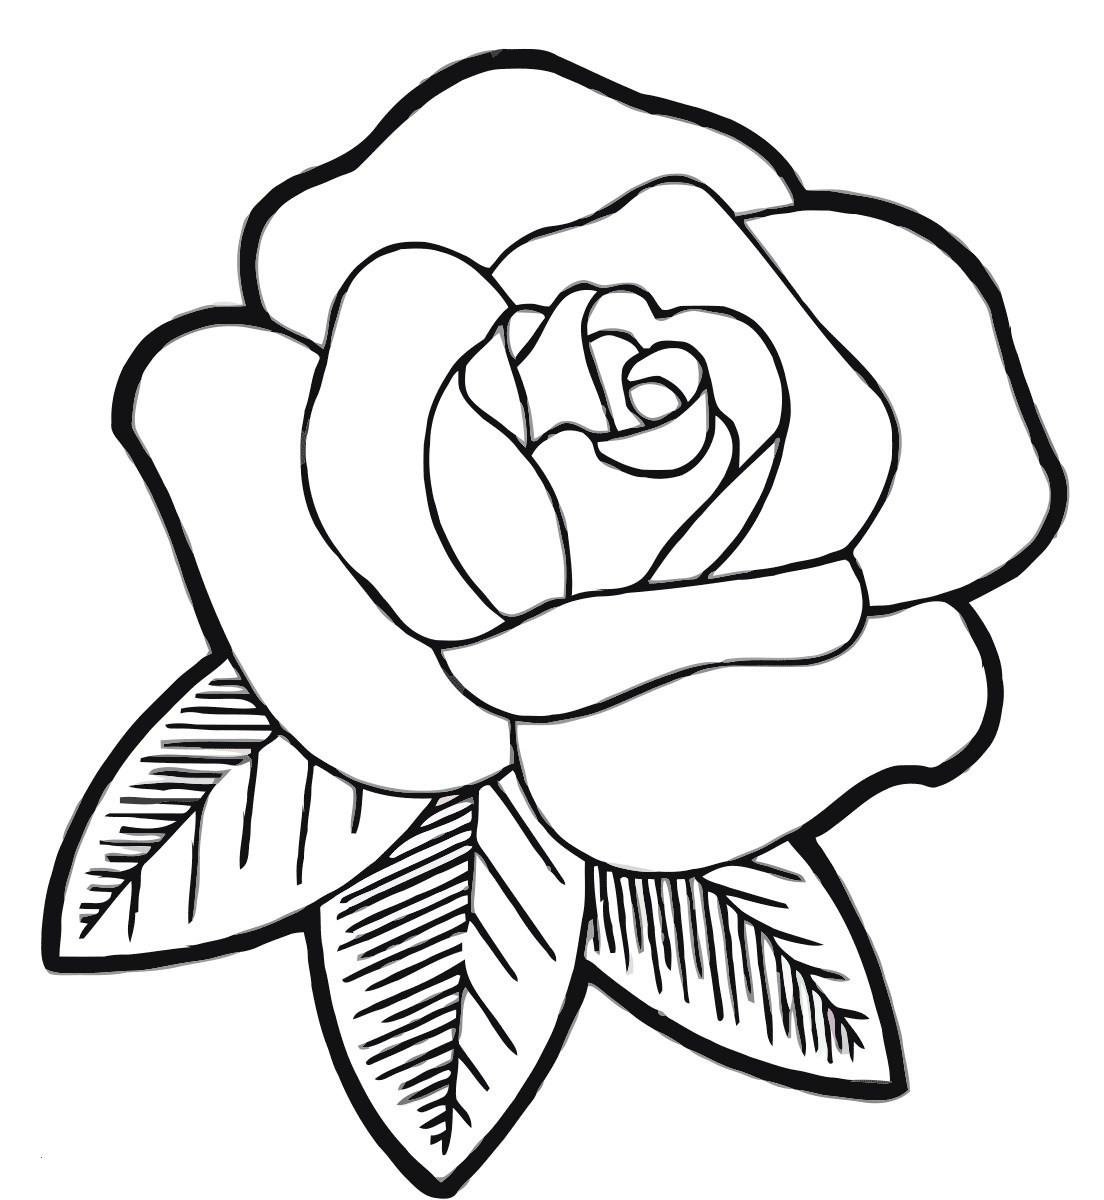 Rosen Zum Ausmalen Inspirierend Rose Ausmalbilder Einzigartig 32 Malvorlagen Blumen Rosen Galerie